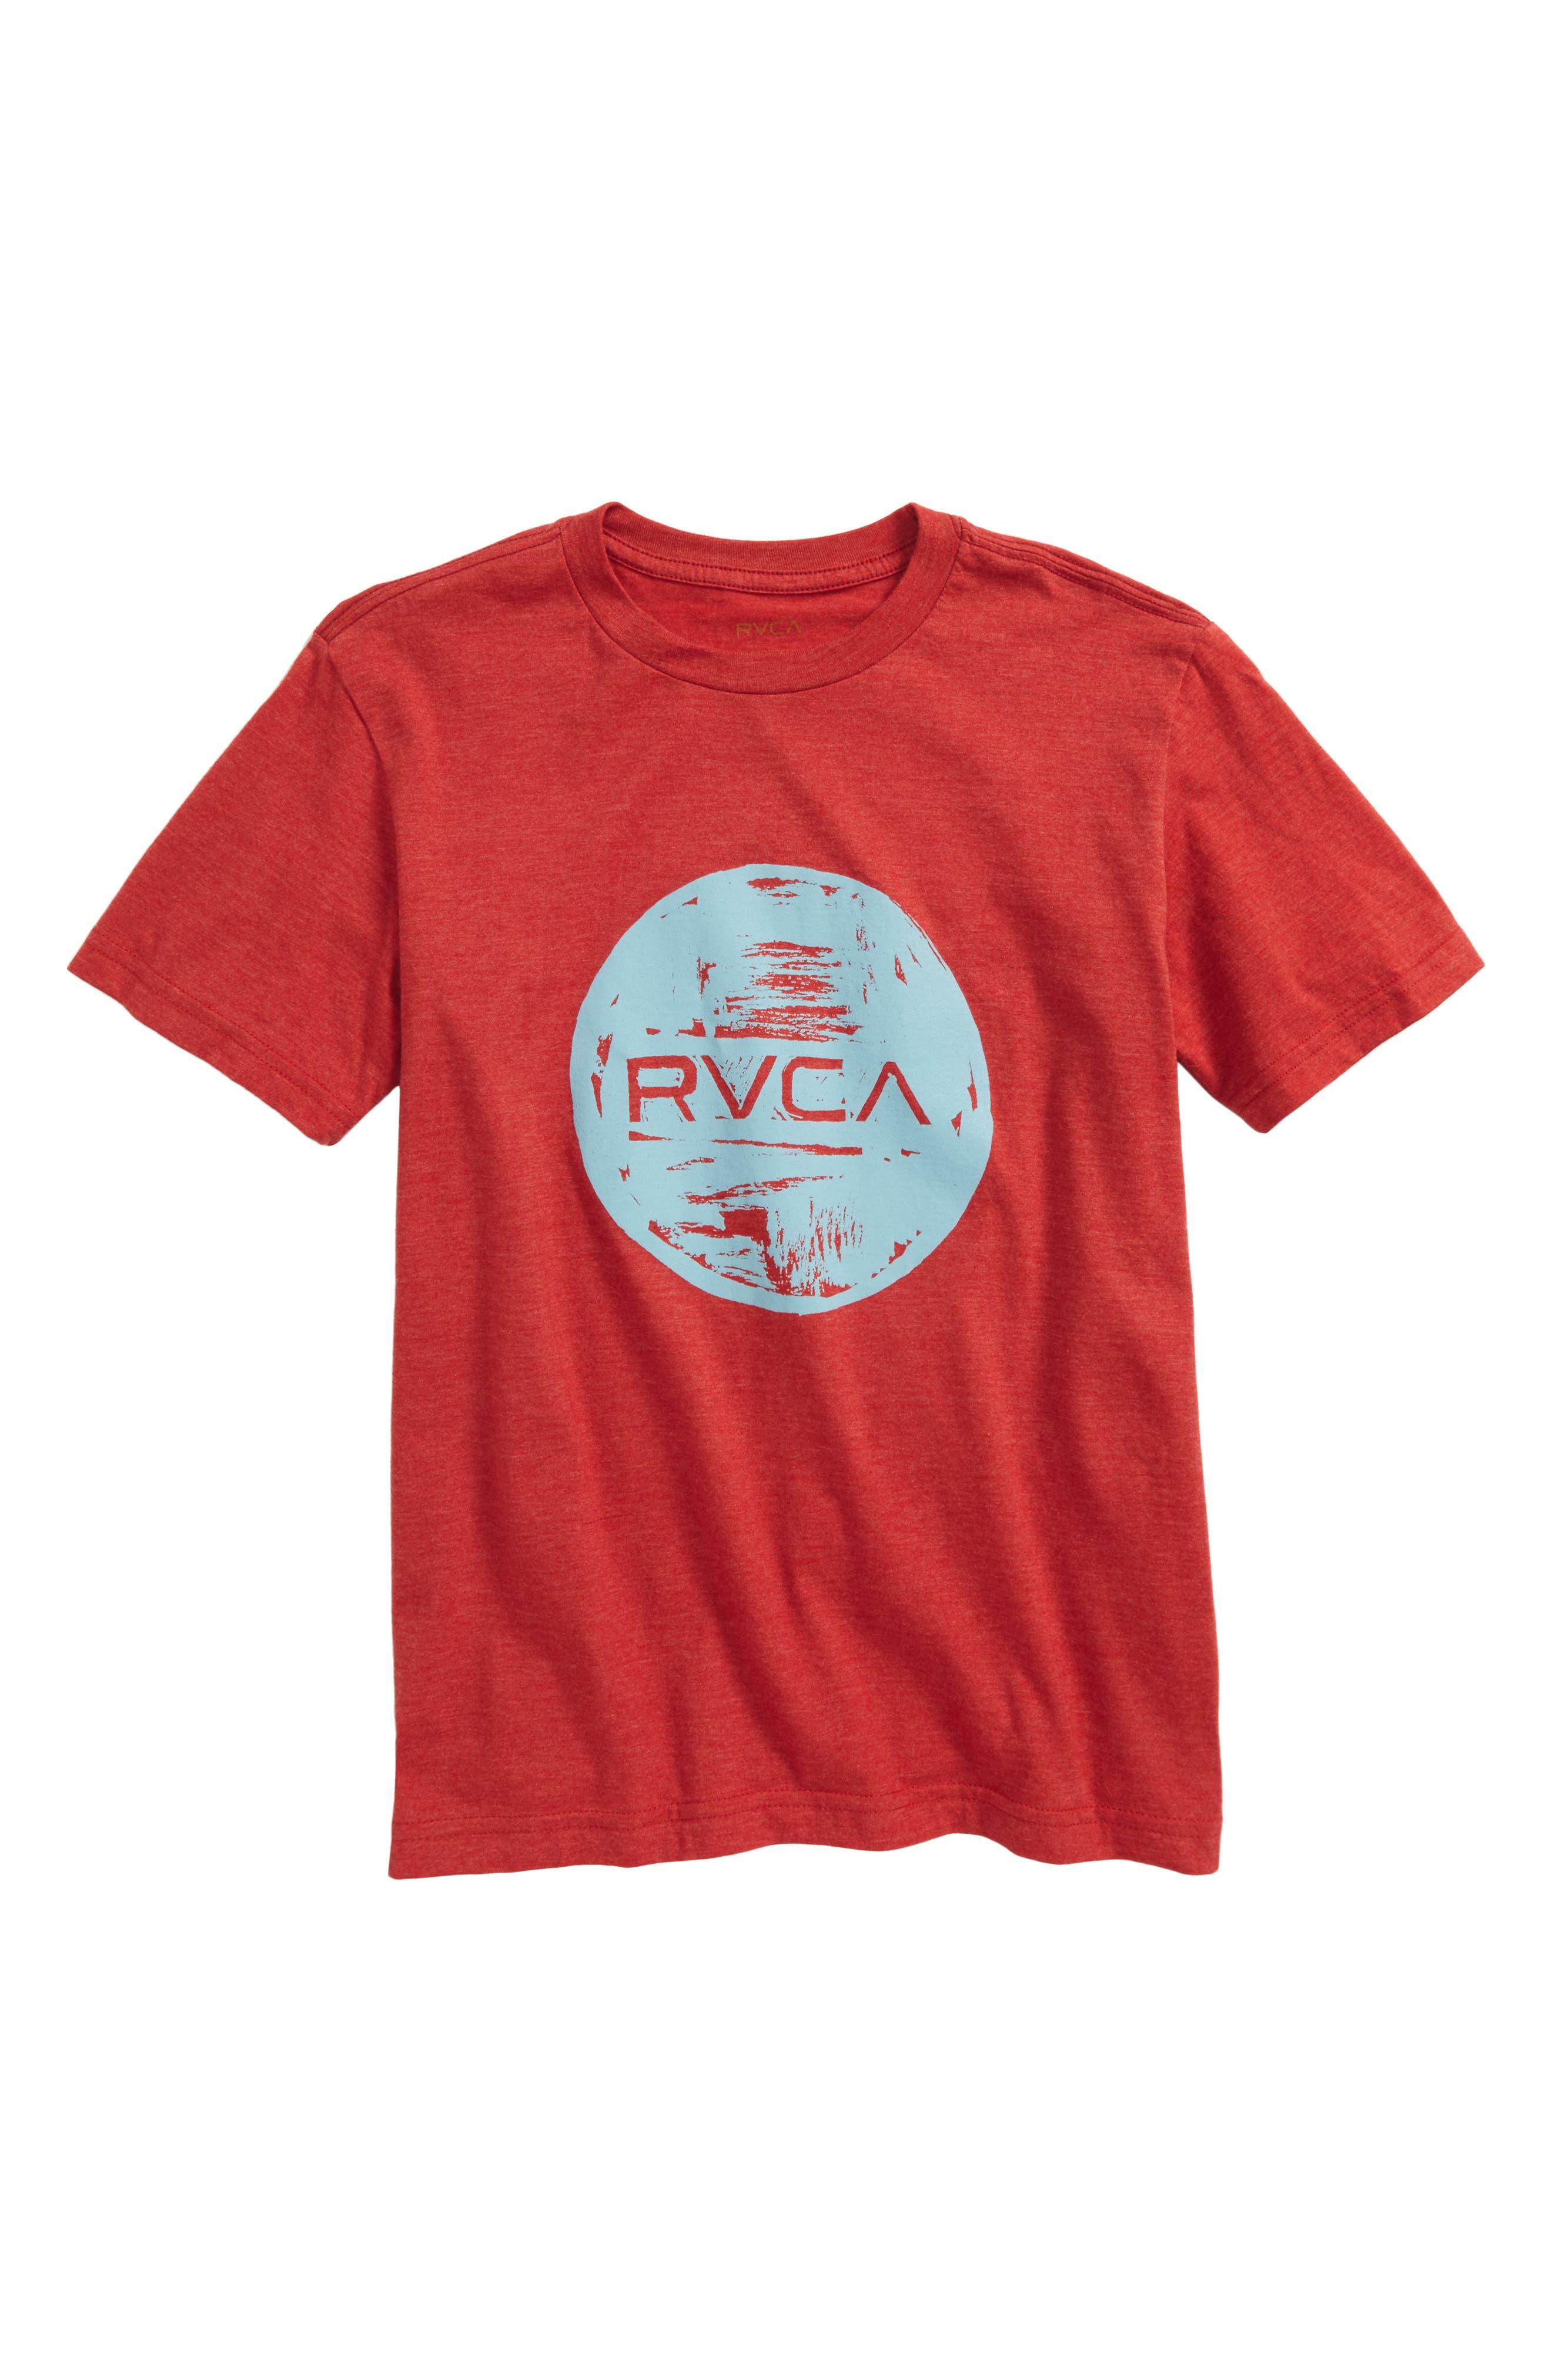 Motors Ink T-Shirt,                             Main thumbnail 1, color,                             620